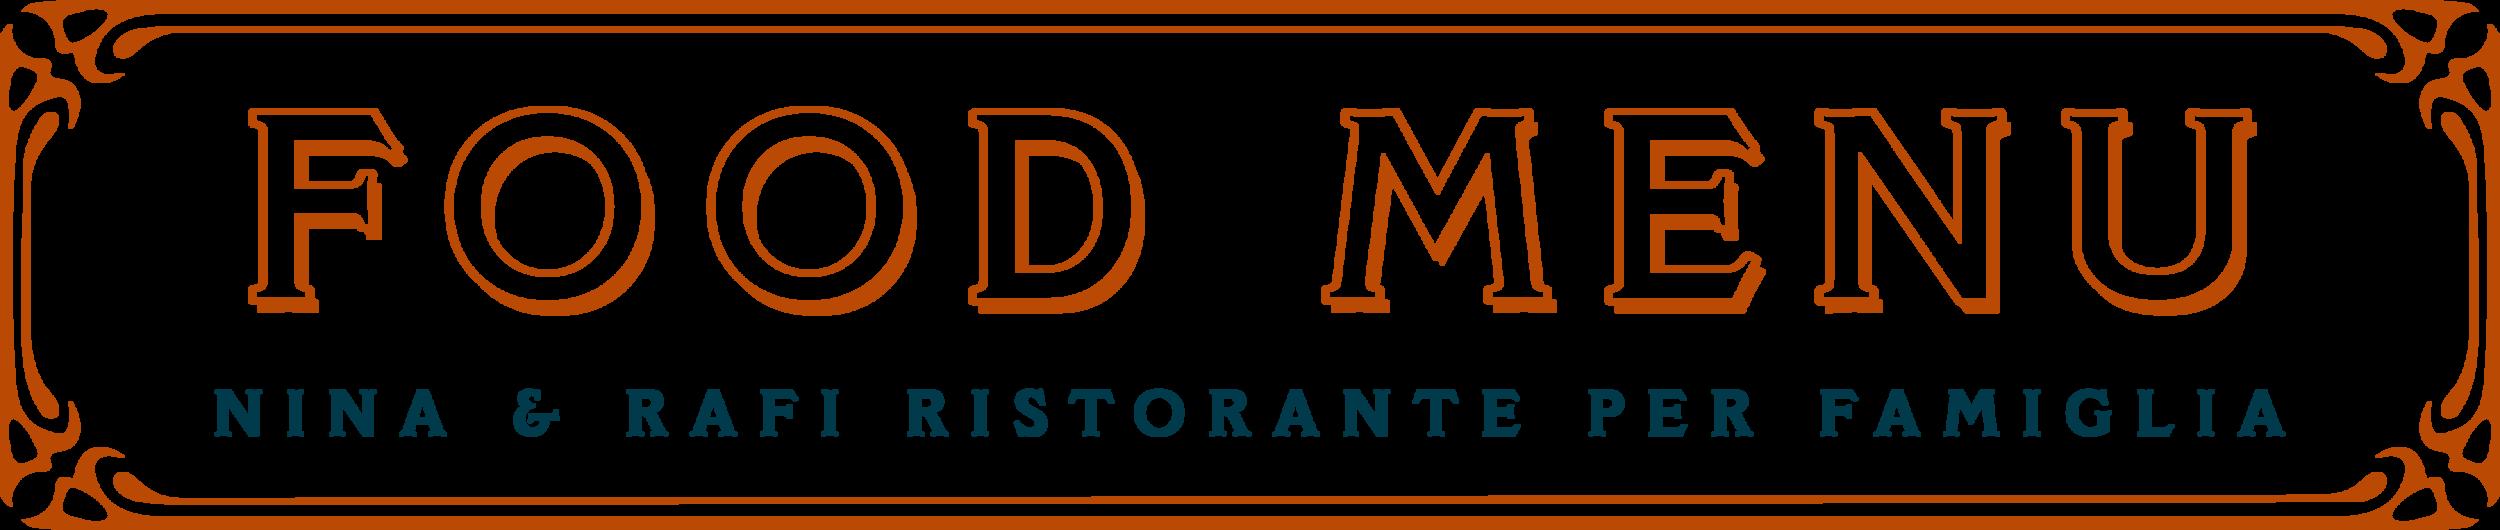 FoodMenu-Header.png